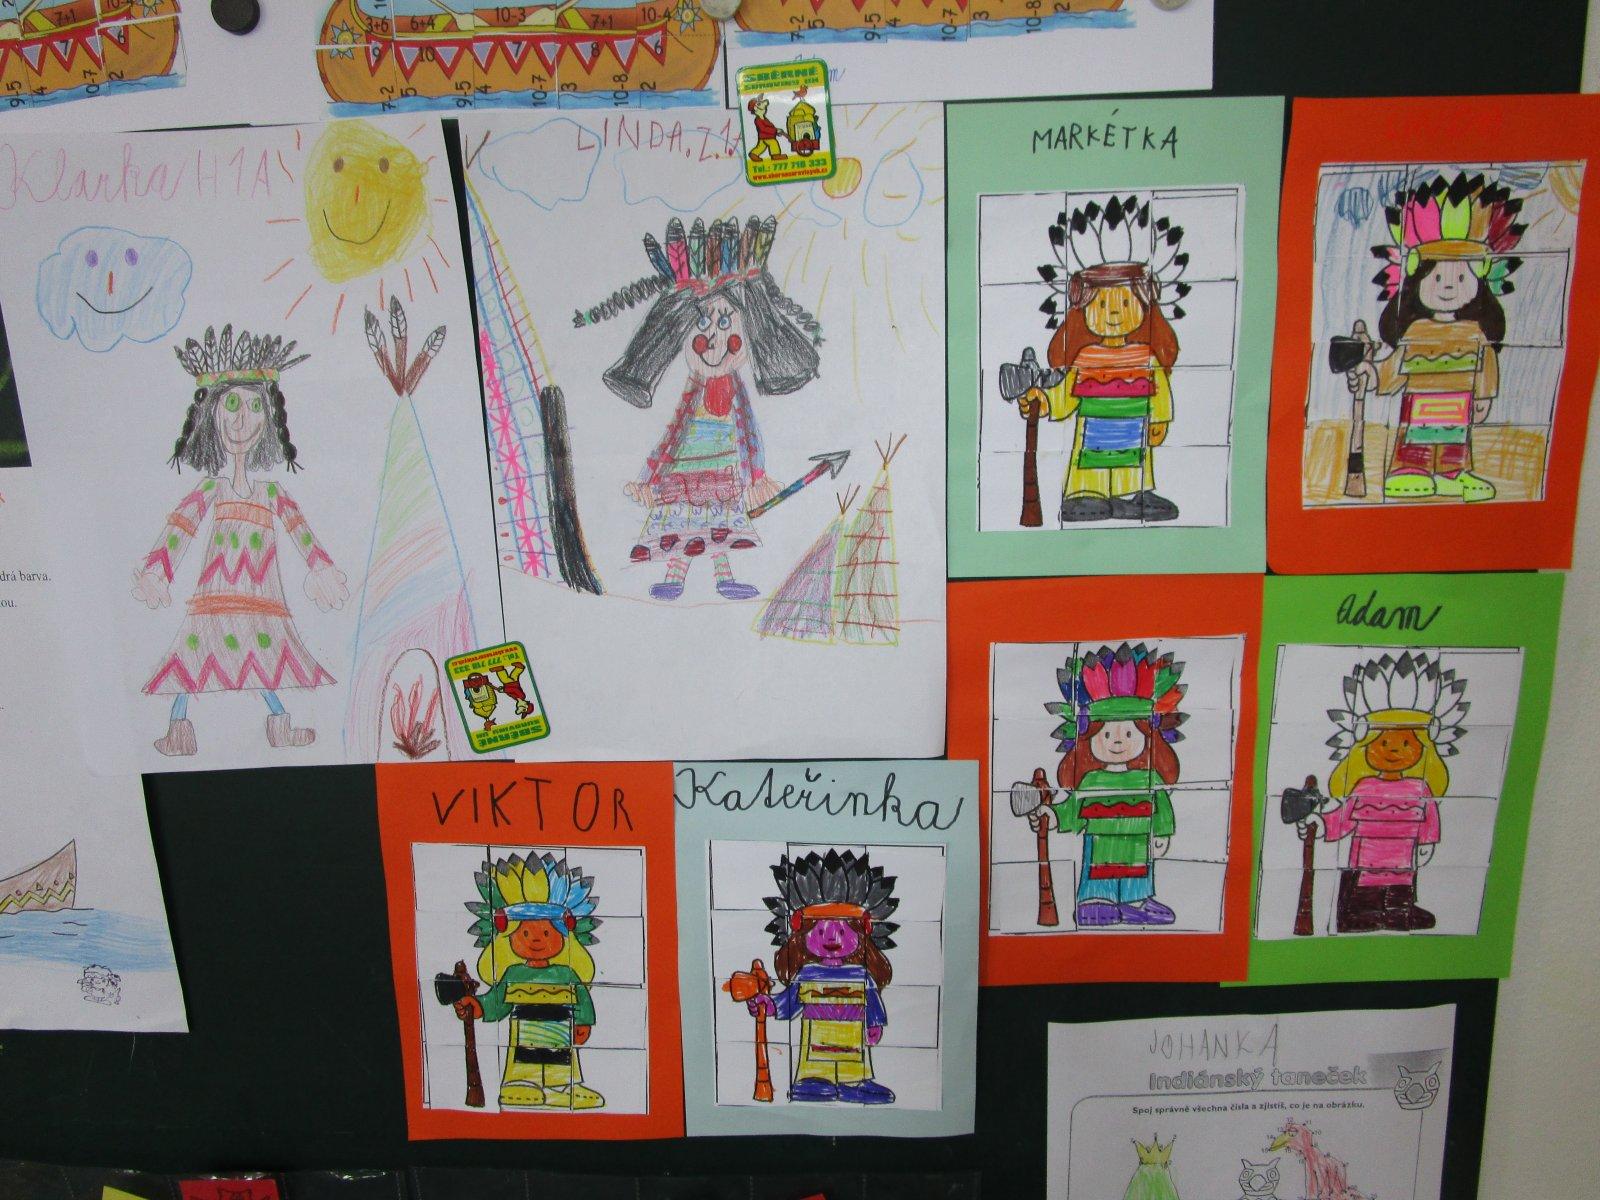 Indiani V Prvnich Tridach Zakladni Skola Stare Mesto